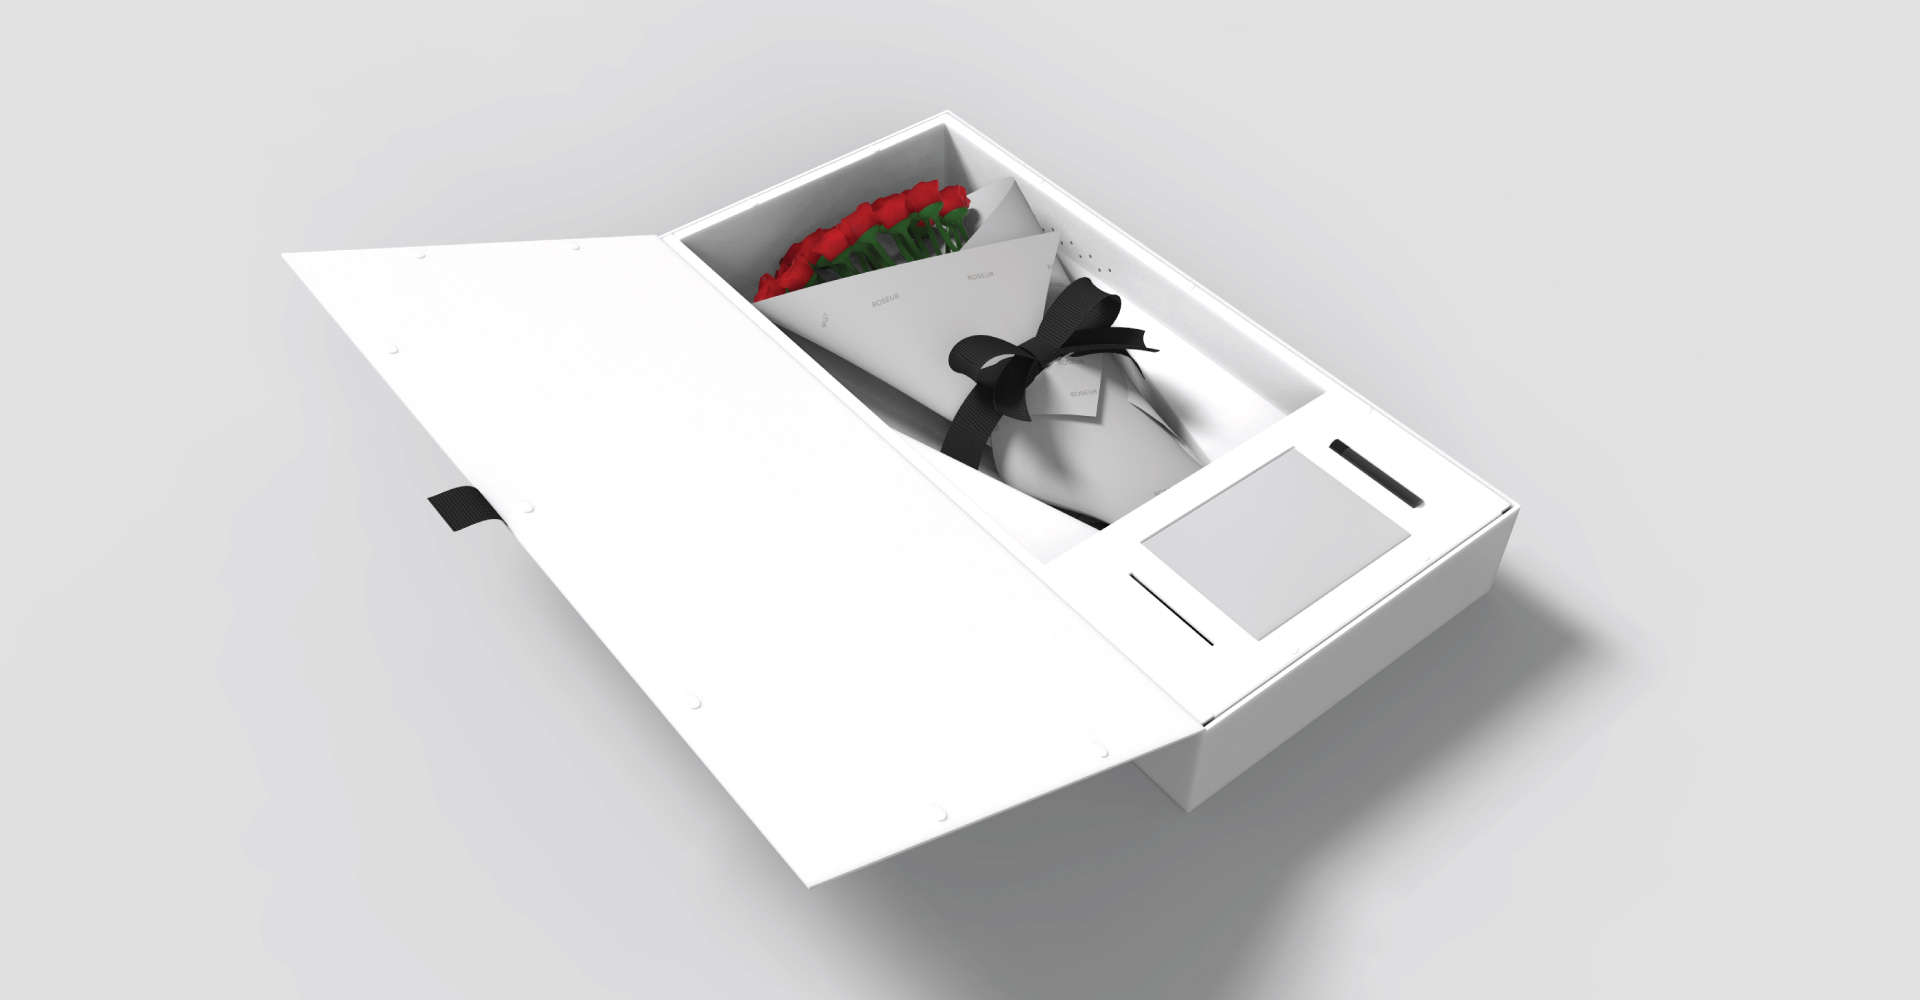 Creative_Retail_Packaging_Custom_Luxury_Packaging_Design_Roseur_05-1.jpg